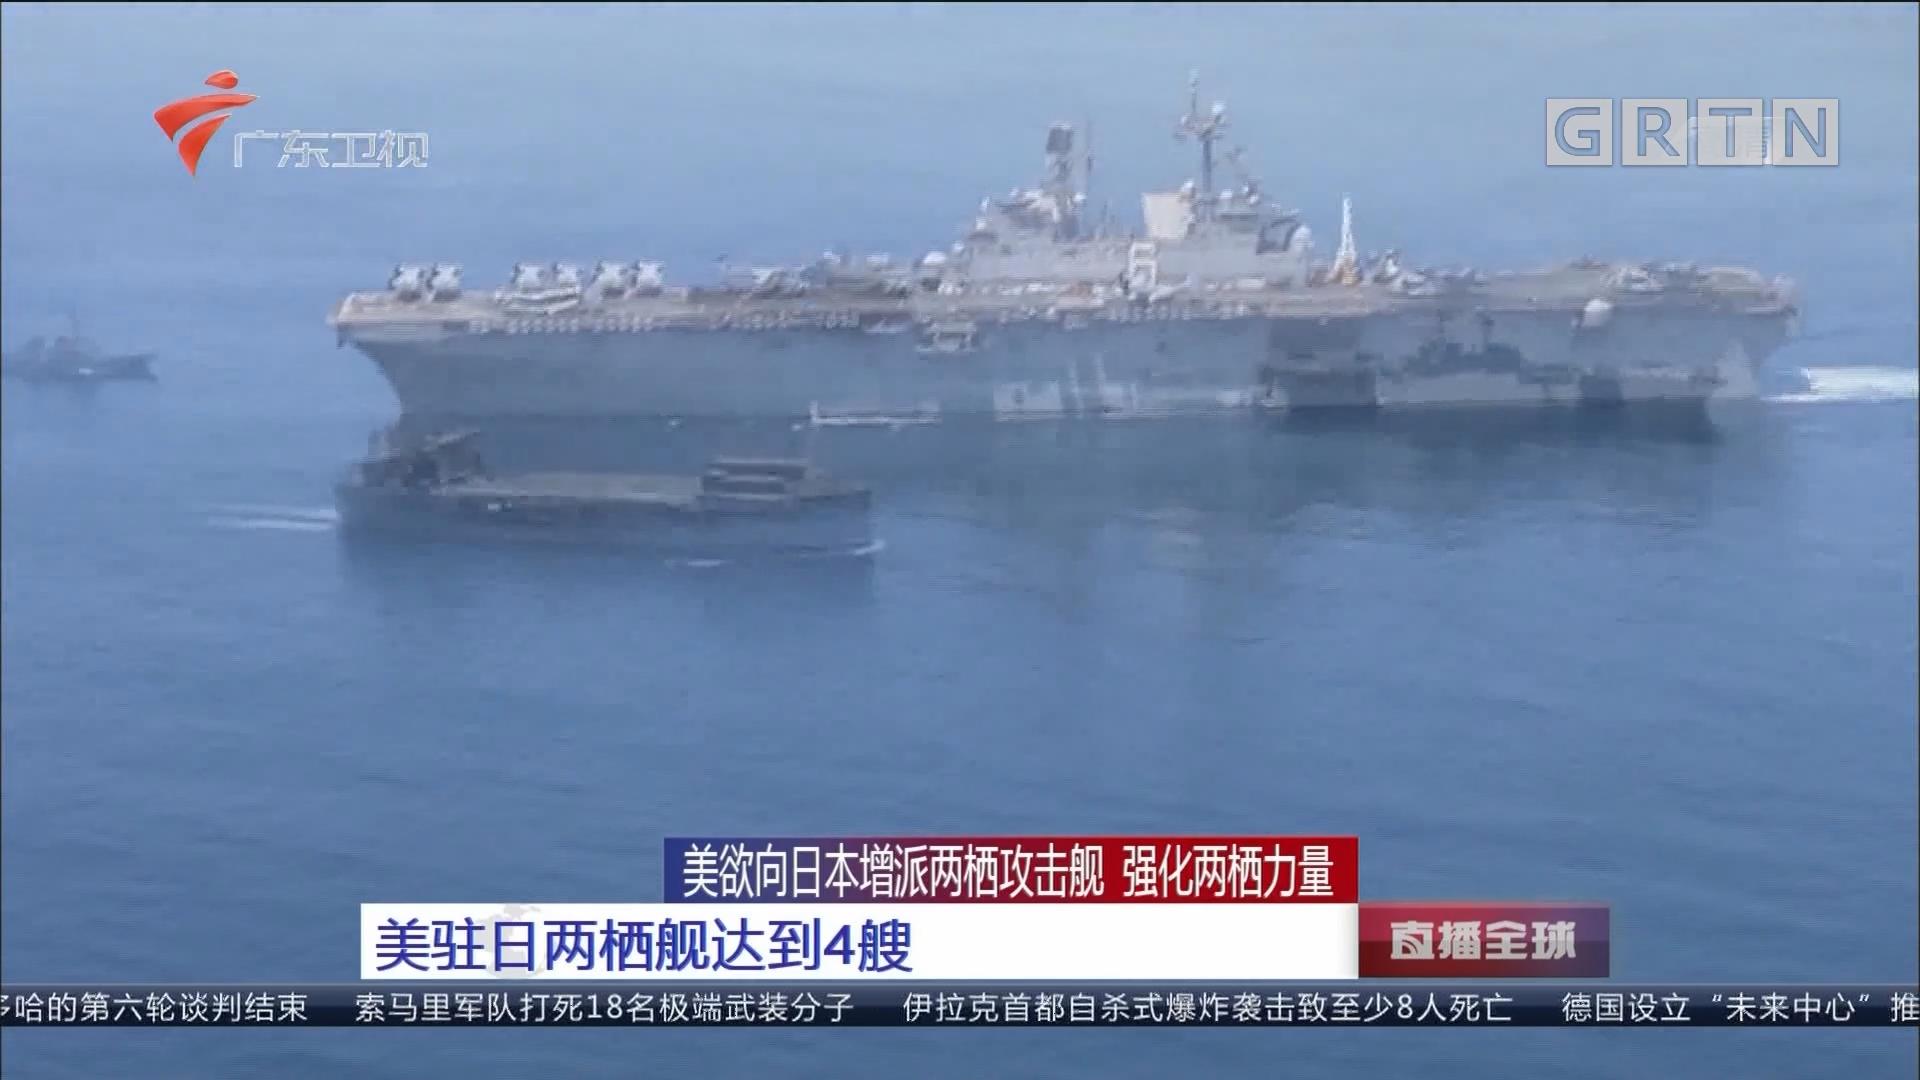 美欲向日本增派两栖攻击舰 强化两栖力量:美驻日两栖舰达到4艘